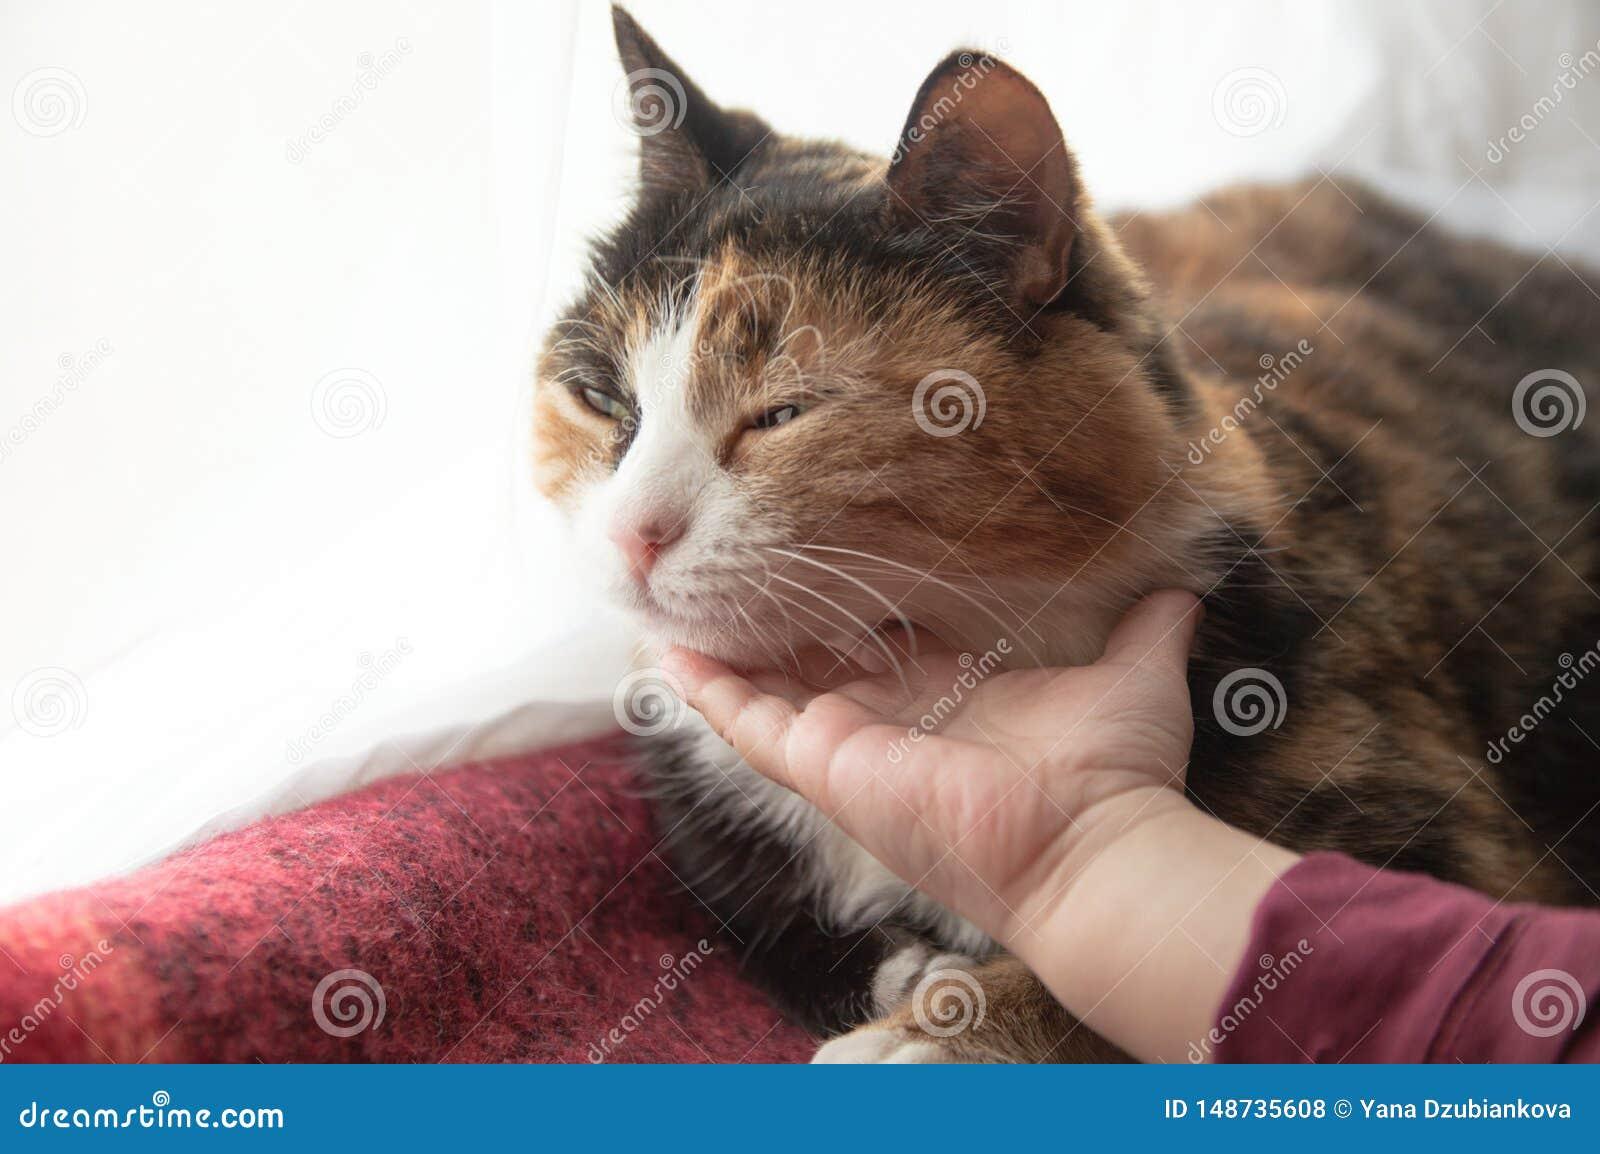 Baby die een kat petting De hand van kinderen strijkt en raakt een slaapkat huisdieren